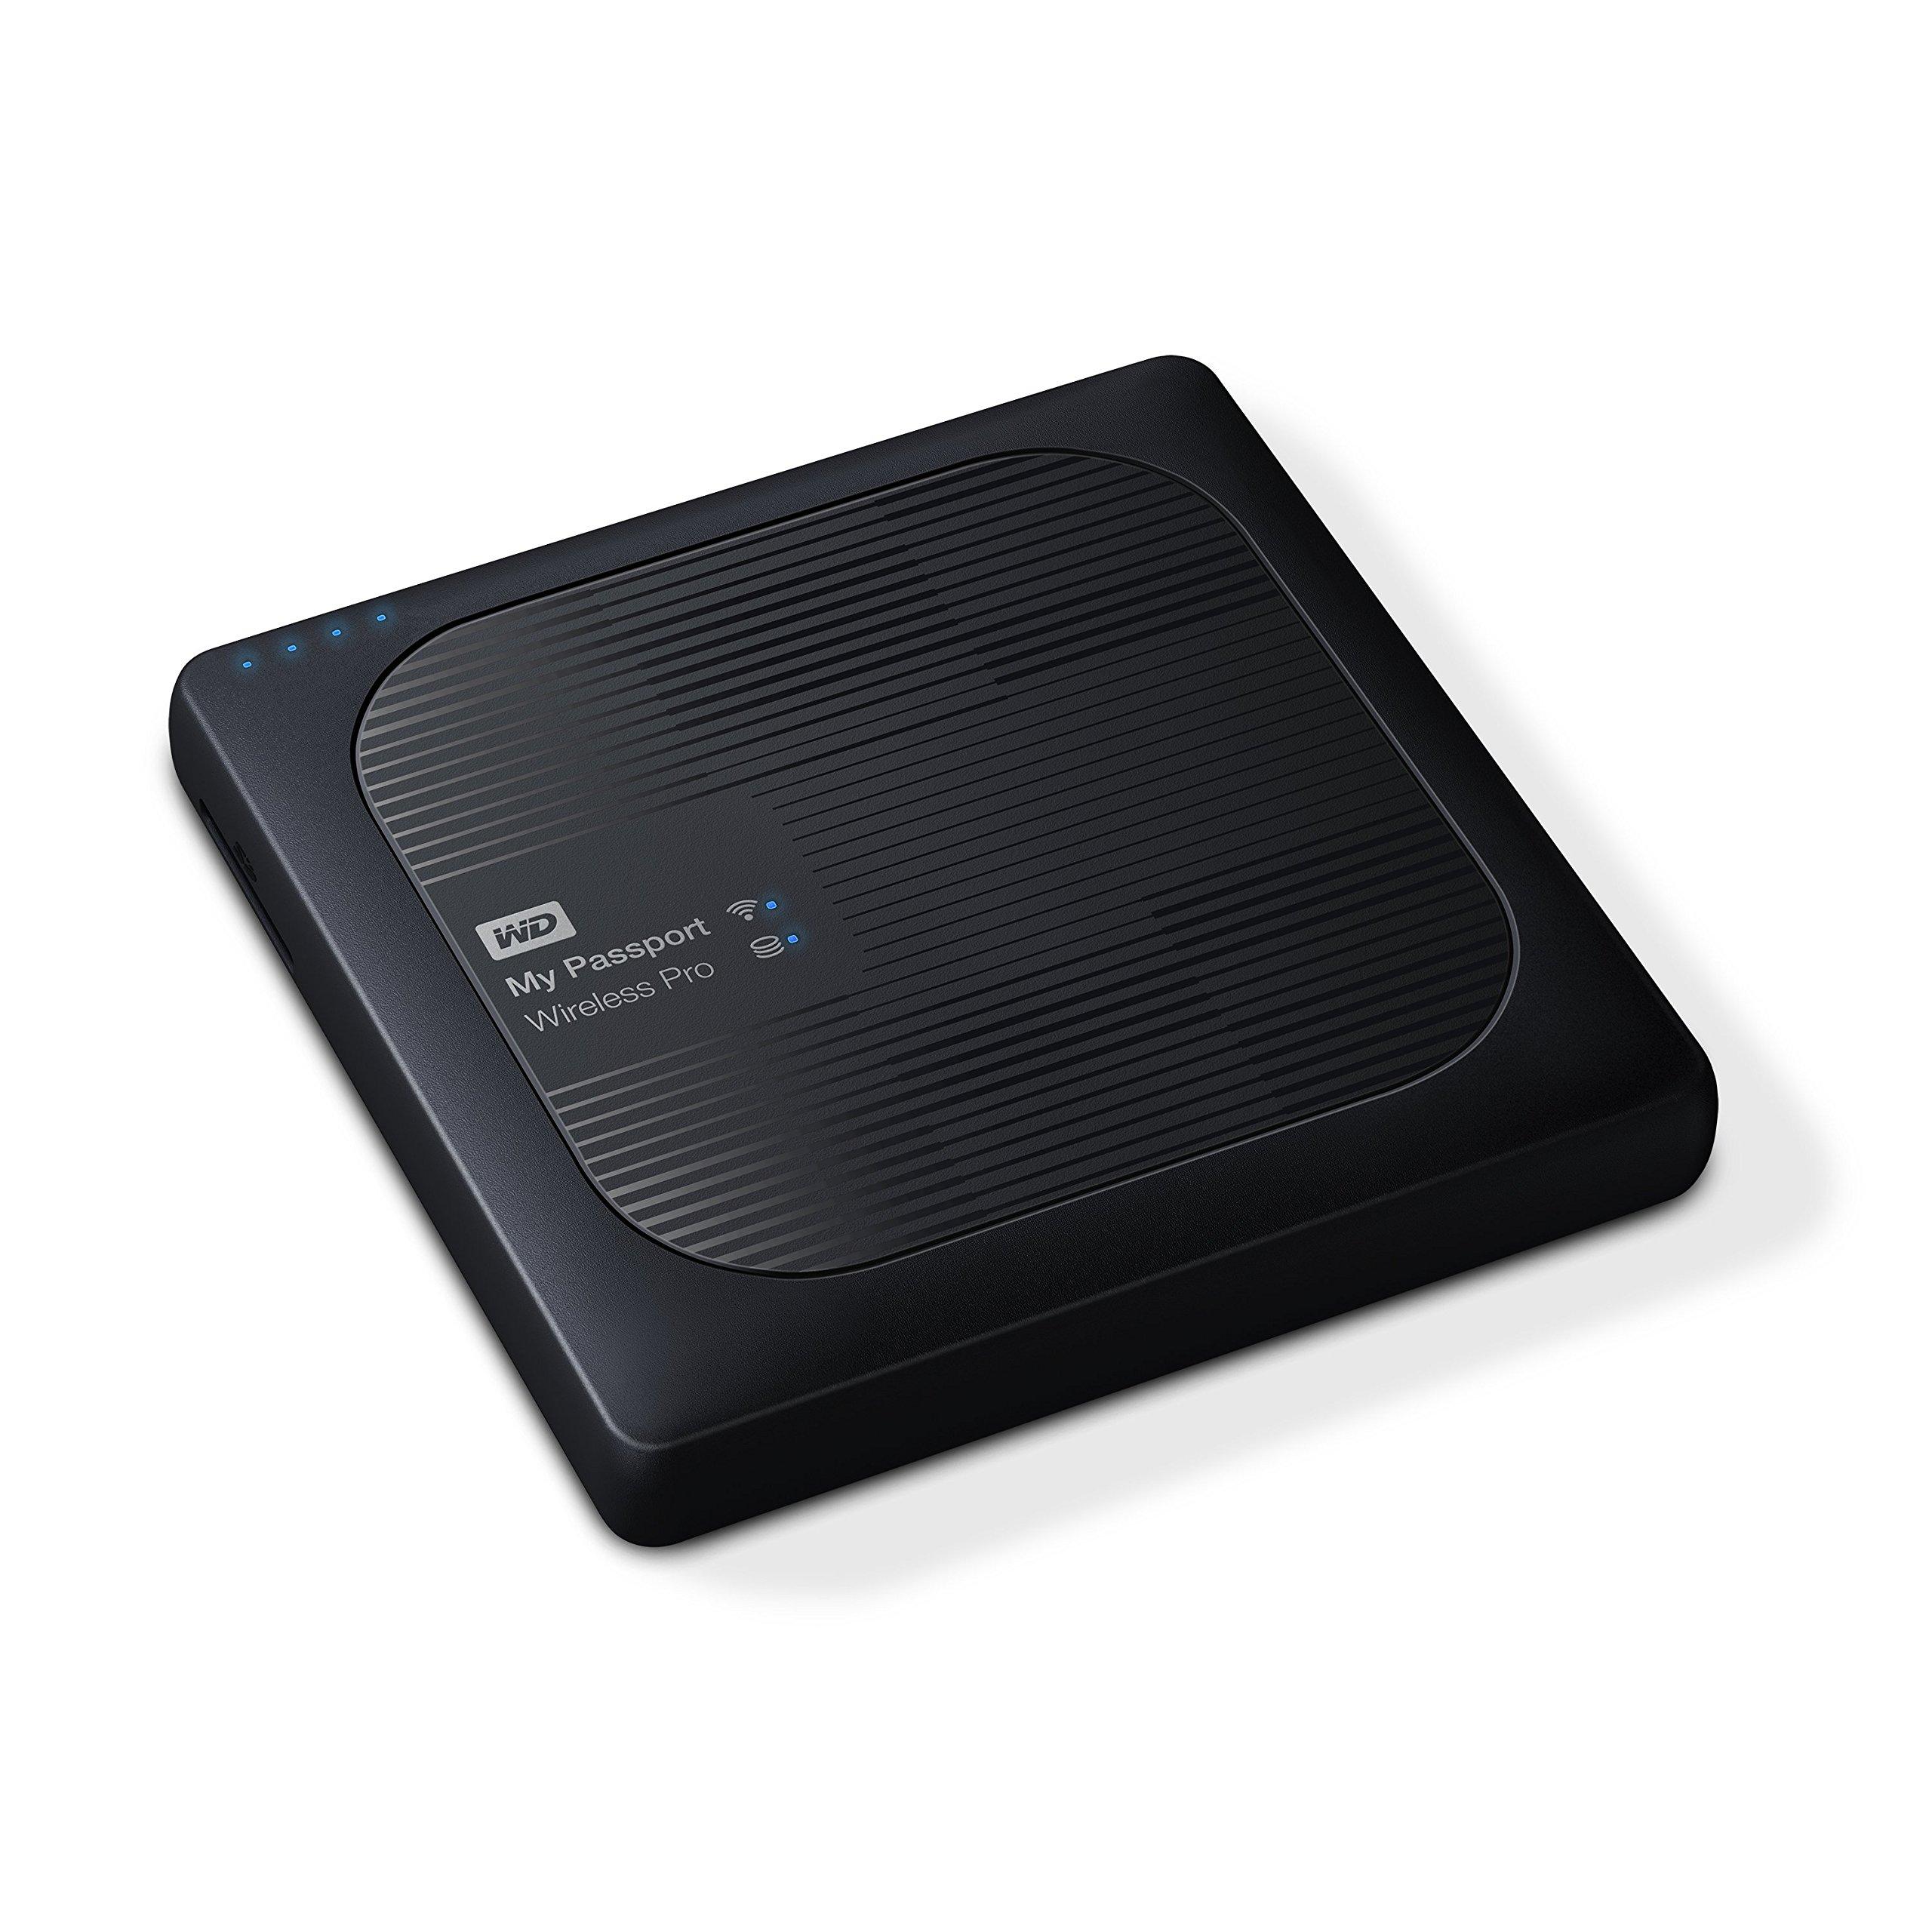 Disco duro externo portátil WD 2TB My Passport Wireless Pro - WiFi USB 3.0 - WDBP2P0020BBK-NESN